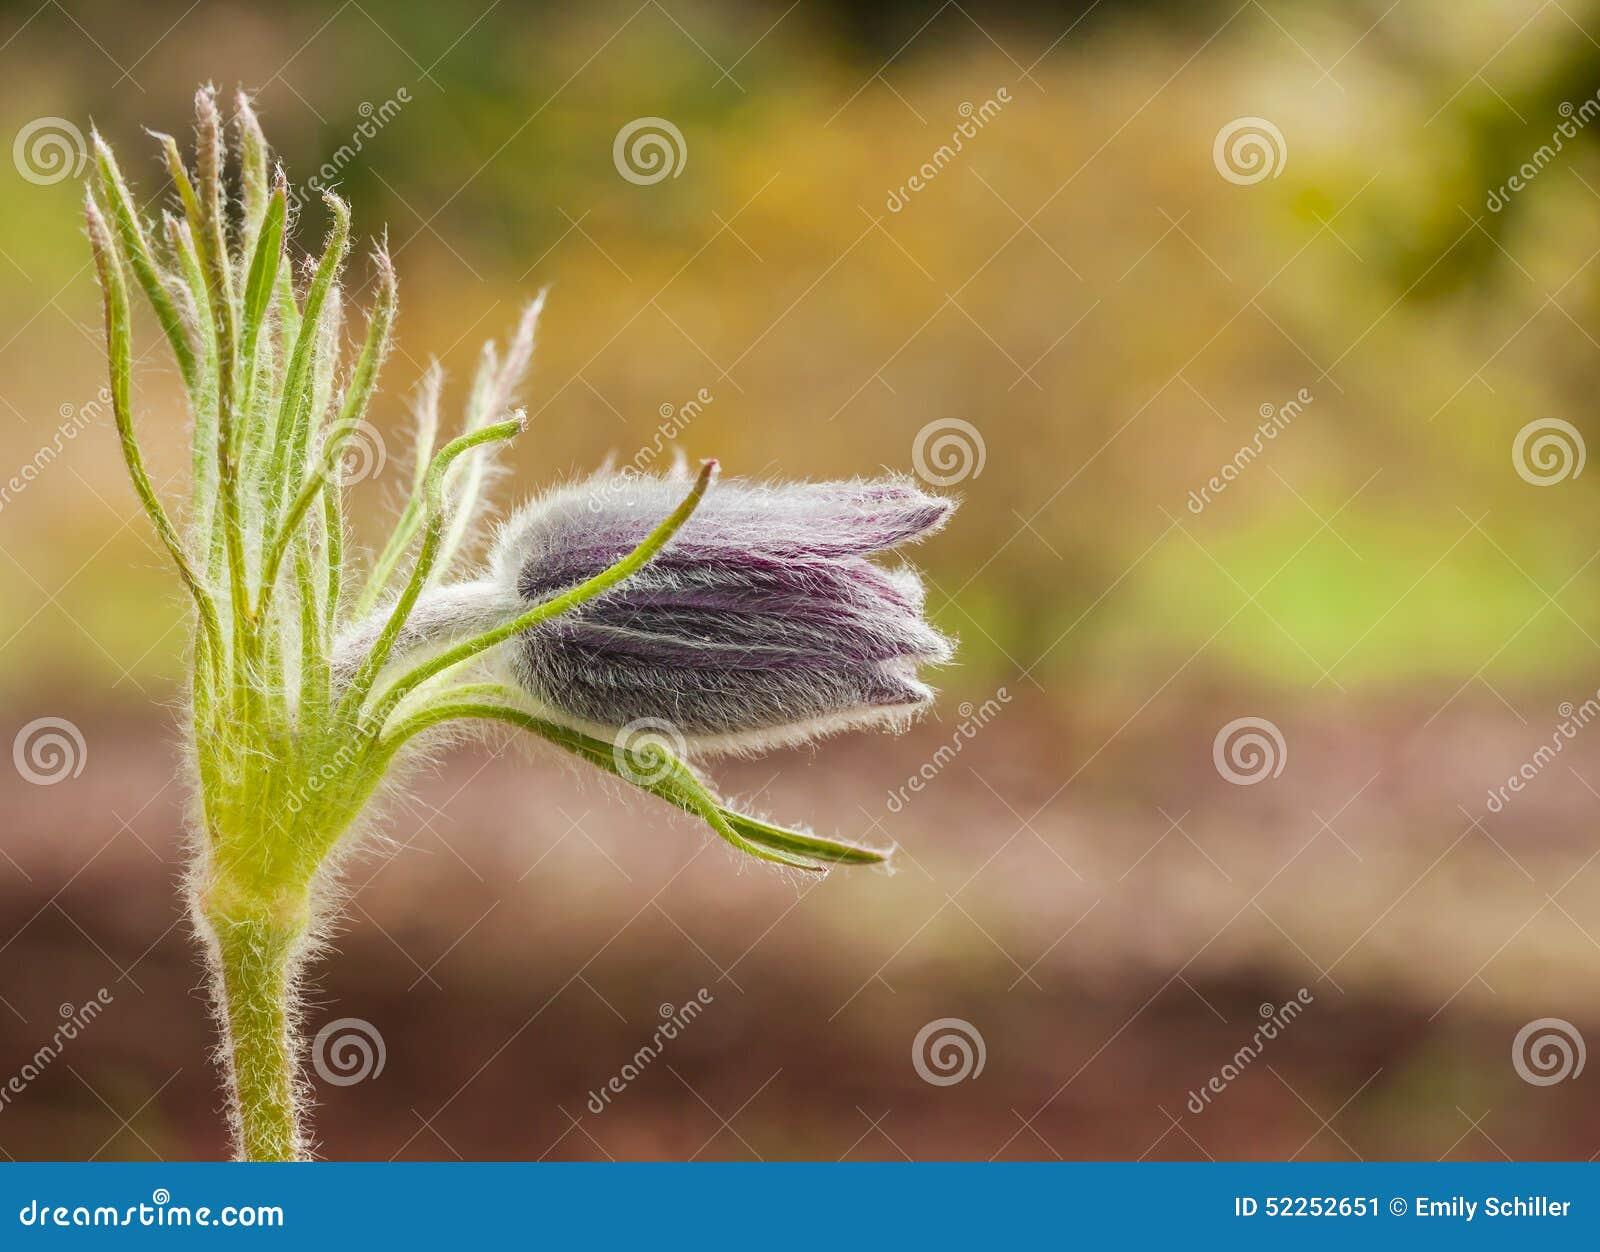 Profil de plan rapproché de Pasque Flower simple